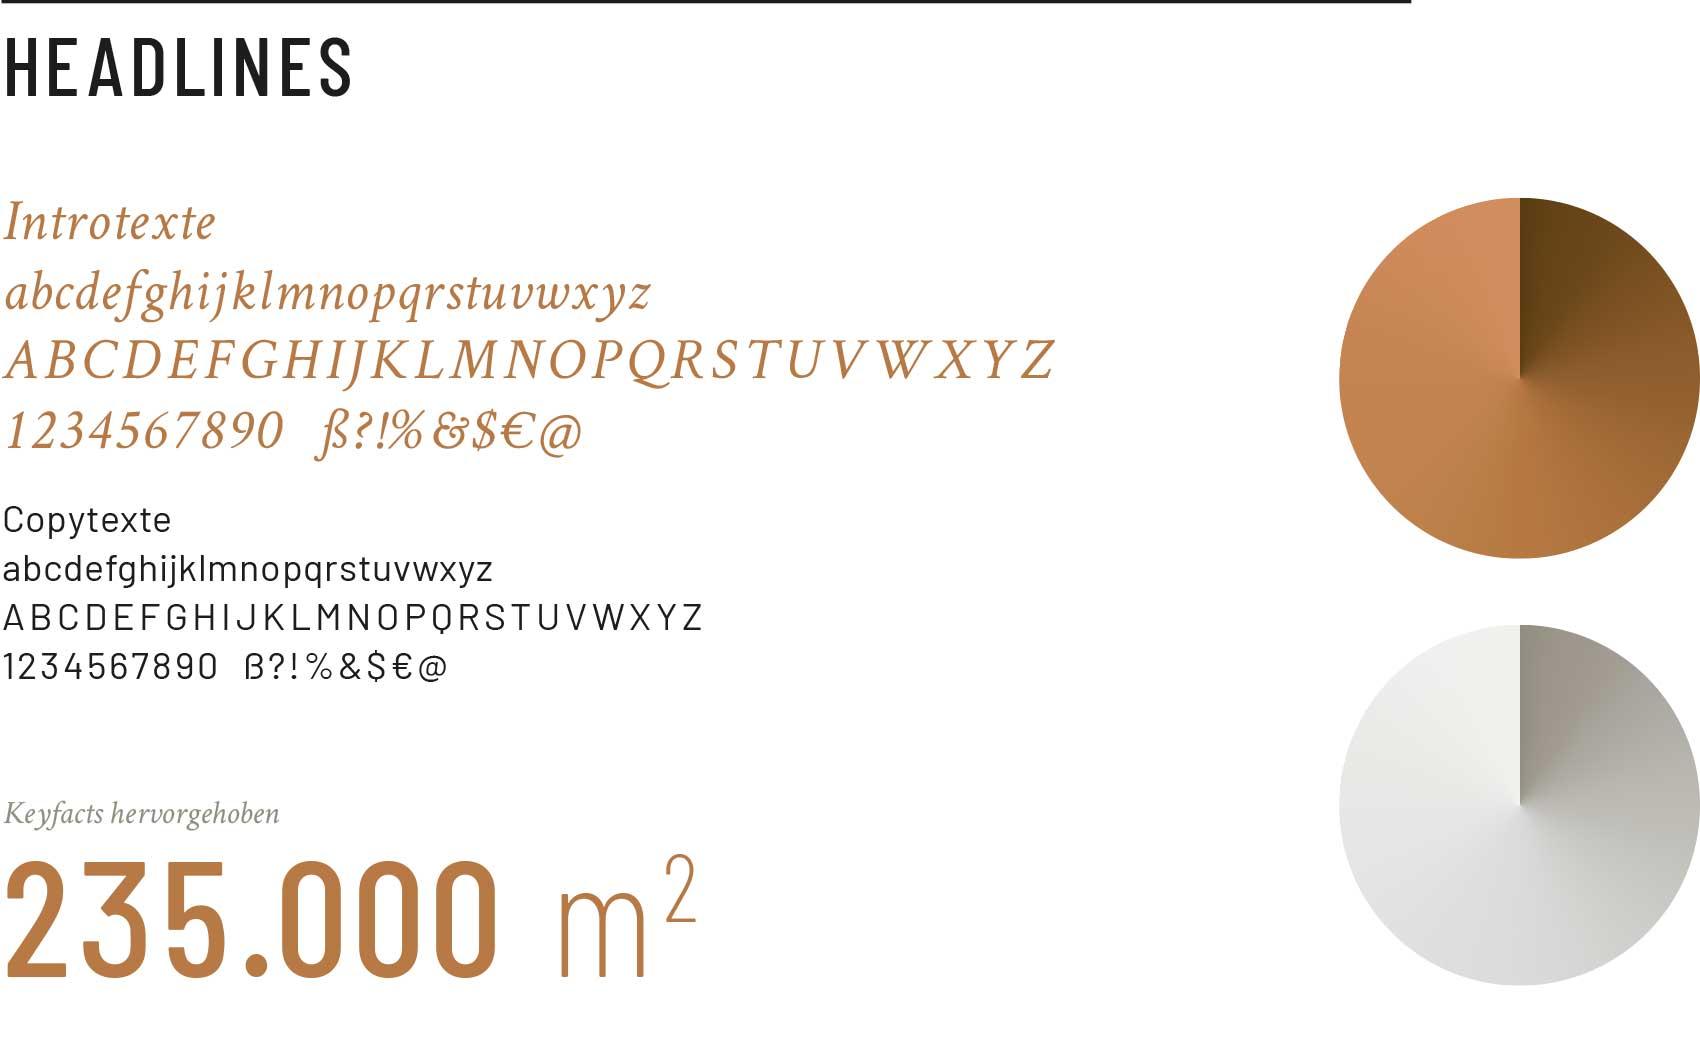 susanngreuel-dcvalues-corporatedesign-5